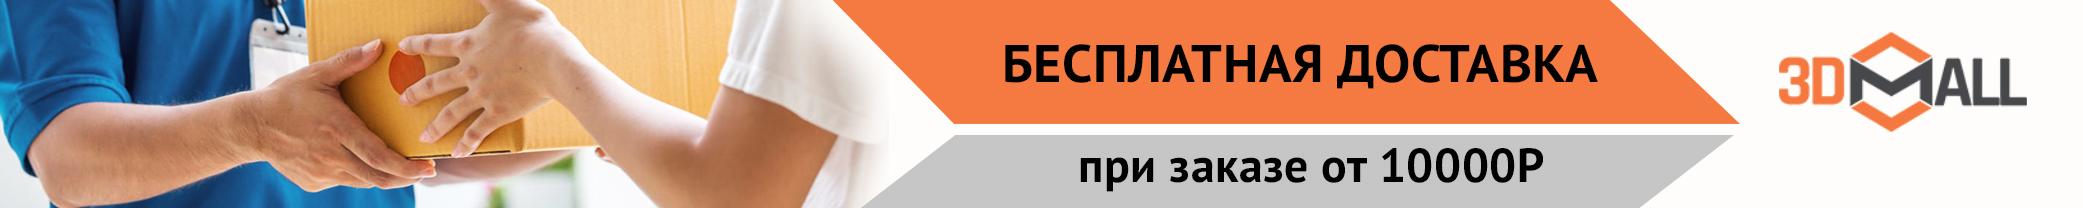 Баннер бесплатная доставка при заказе от 10000 рублей